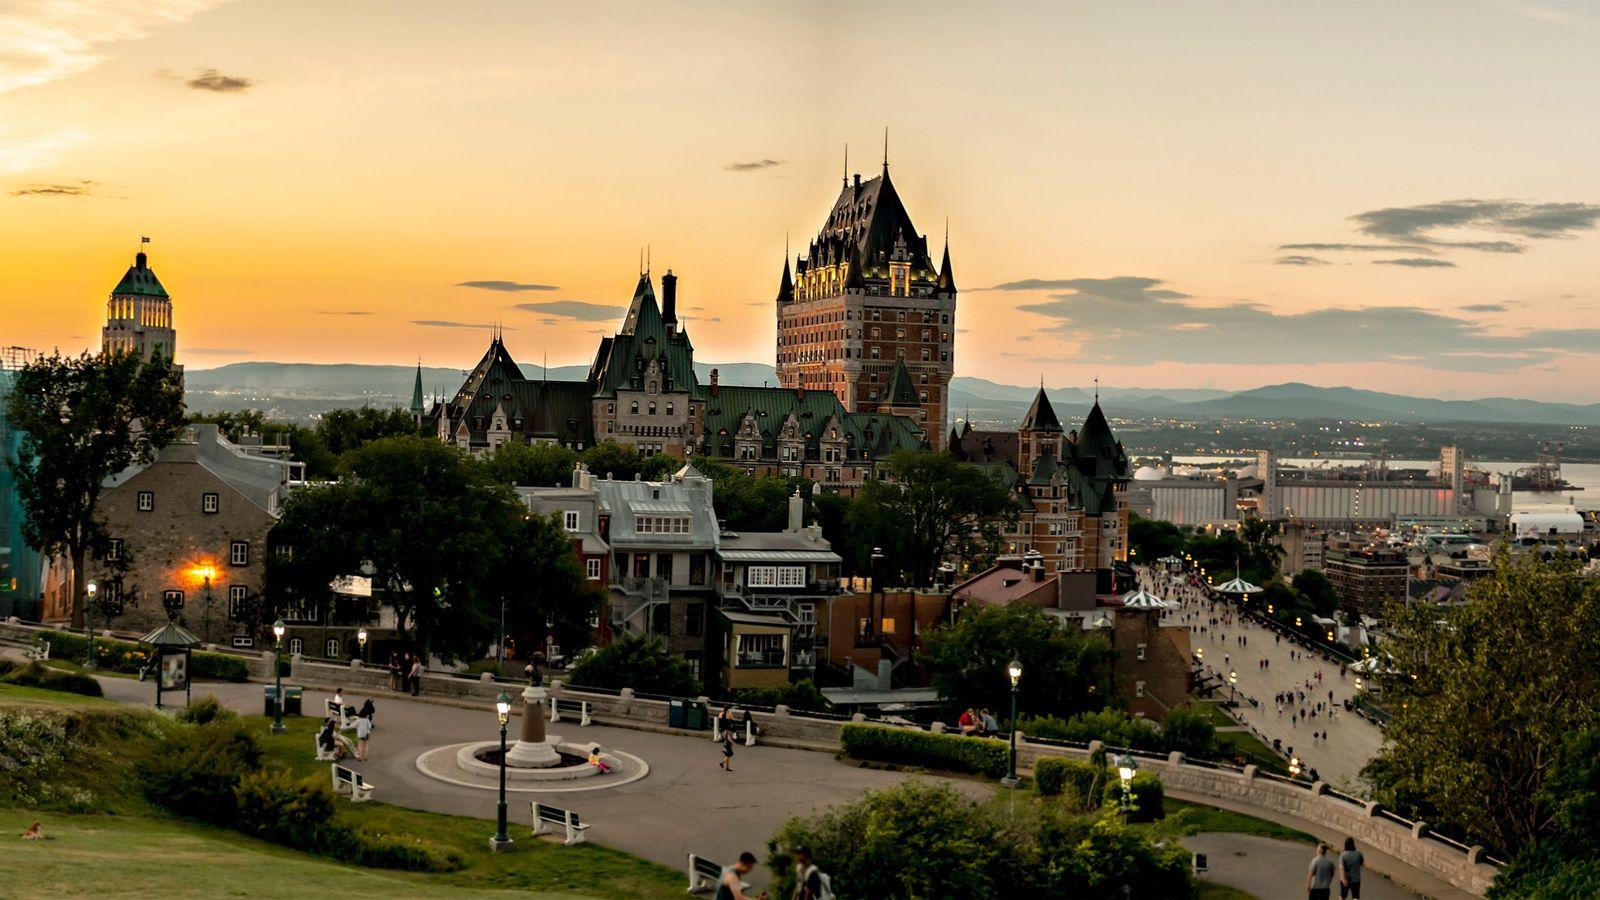 Québec erstrahlt im Sonnenuntergang. Die Stadt wurde neben dem Sankt-Lorenz-Strom auf zwei Ebenen errichtet und besteht ...